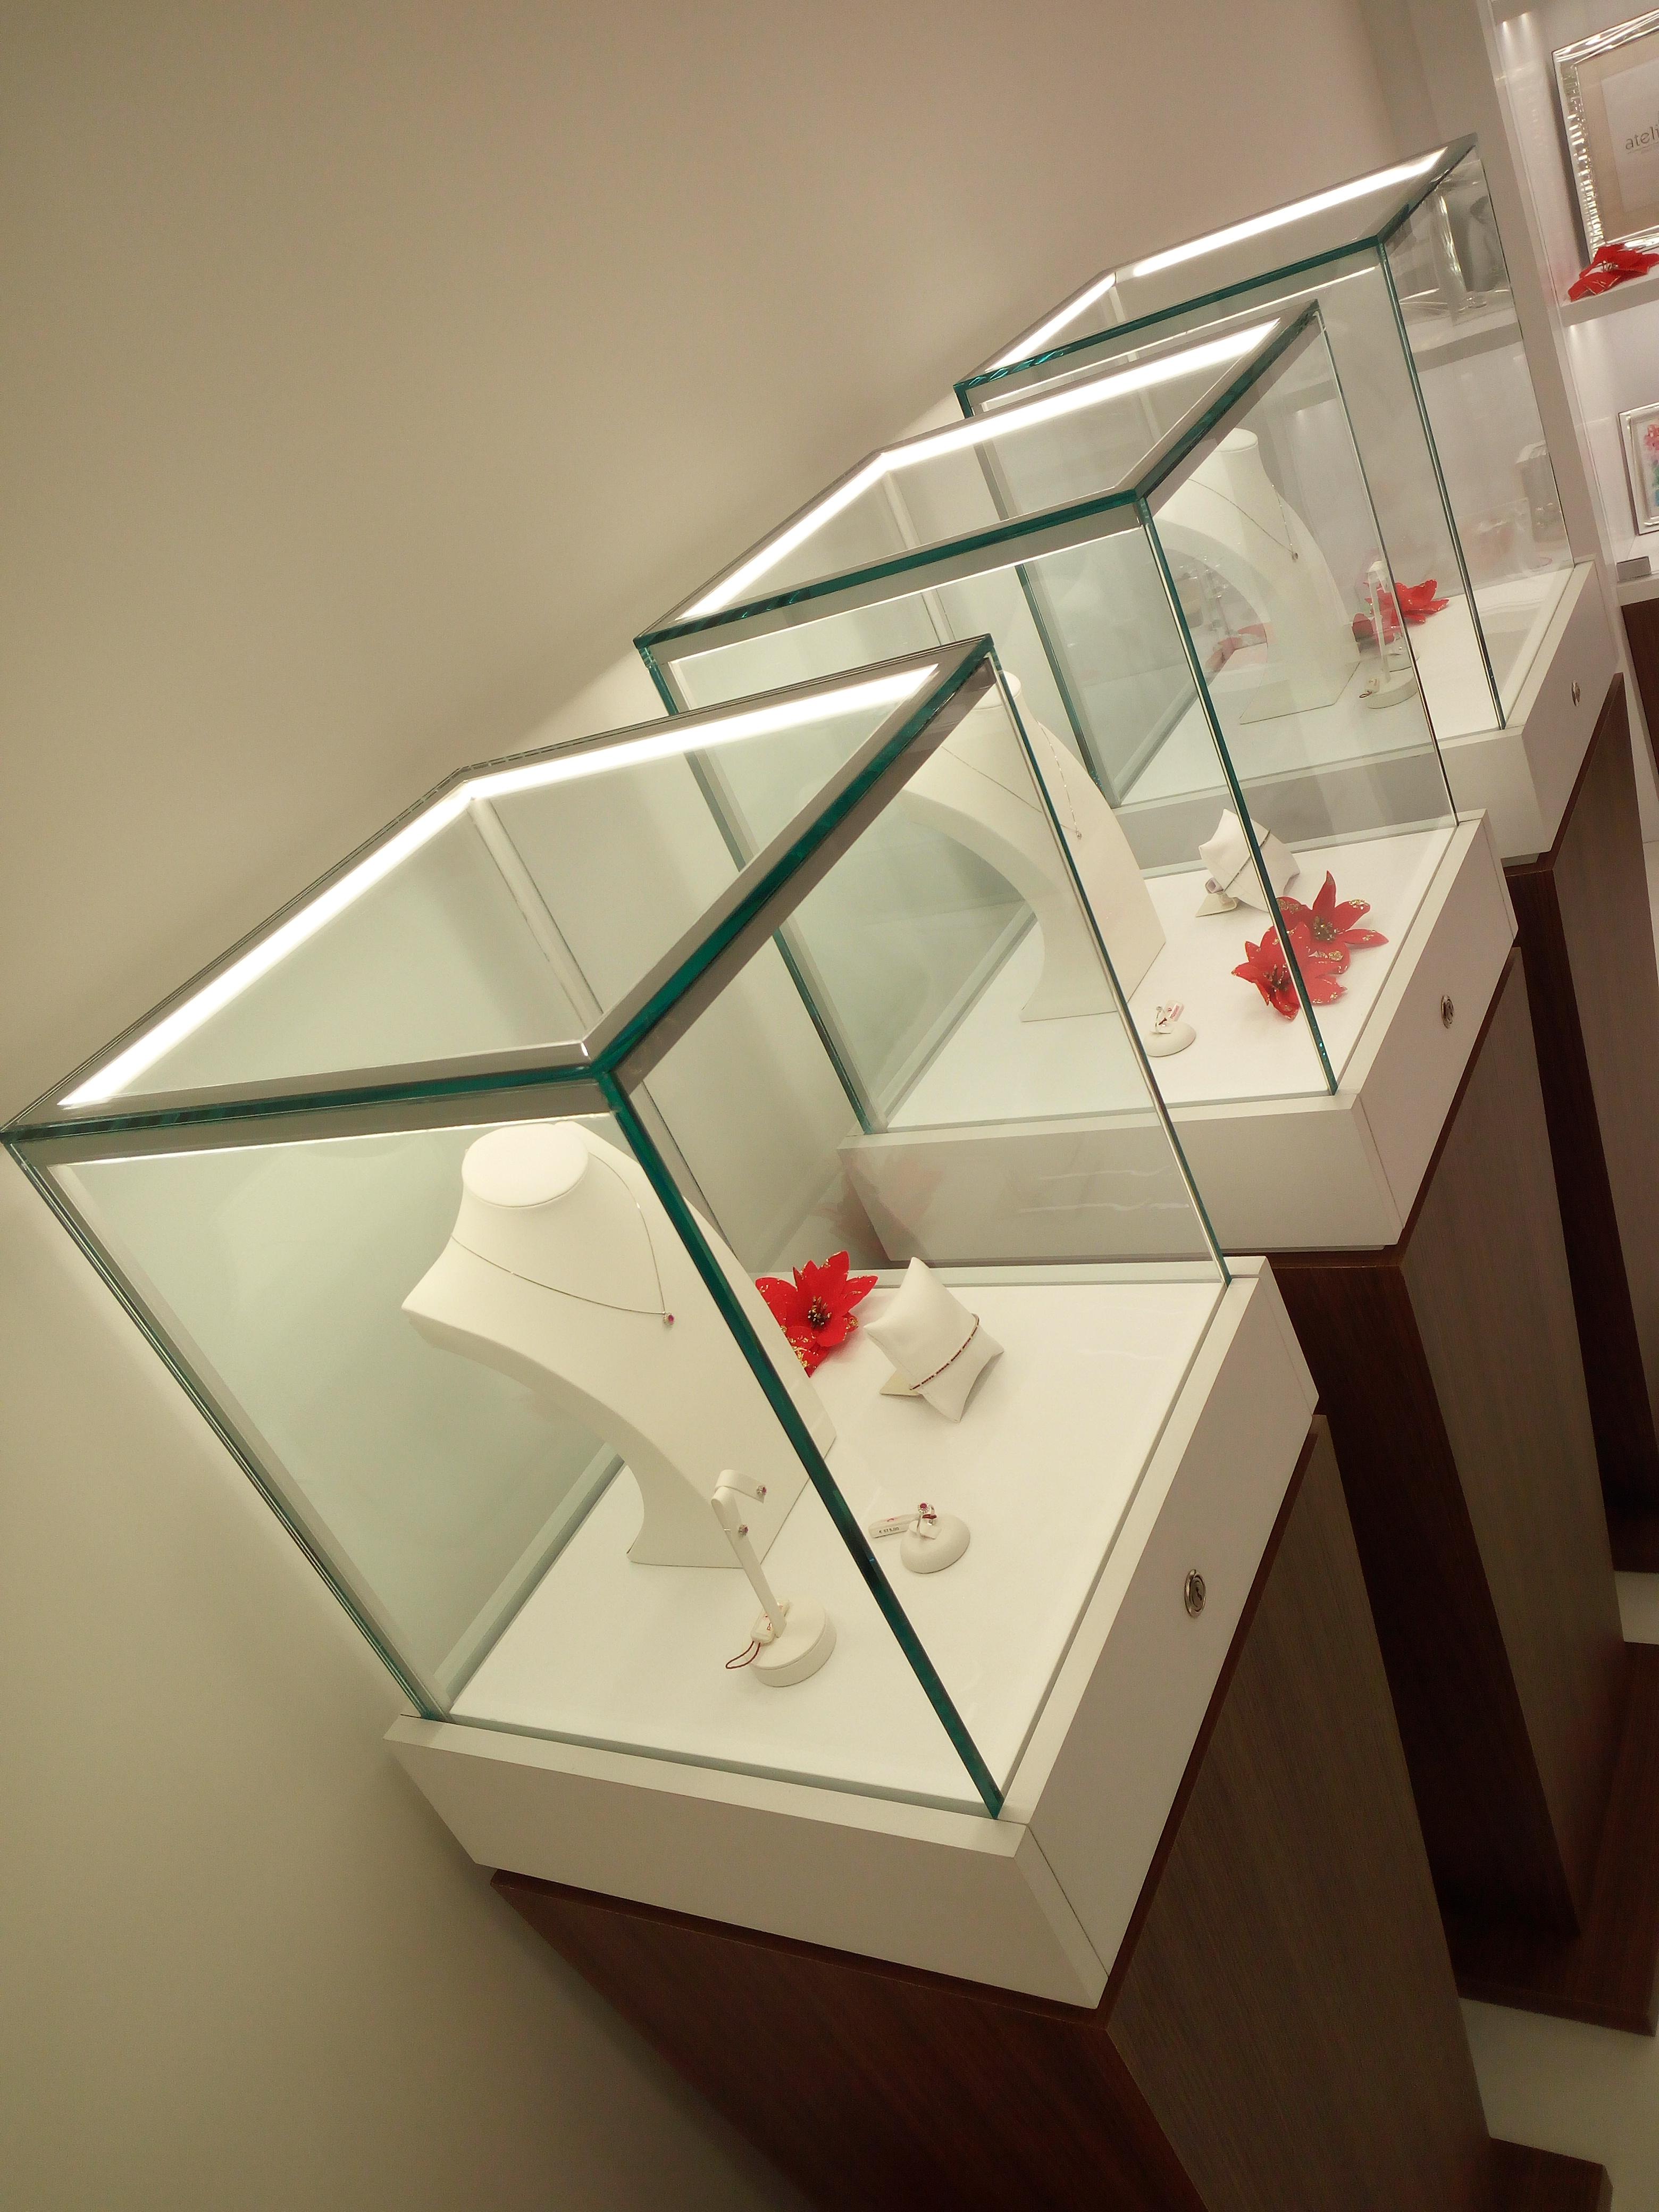 Teche illuminate per esposizione gioielli, orologi e bijoux